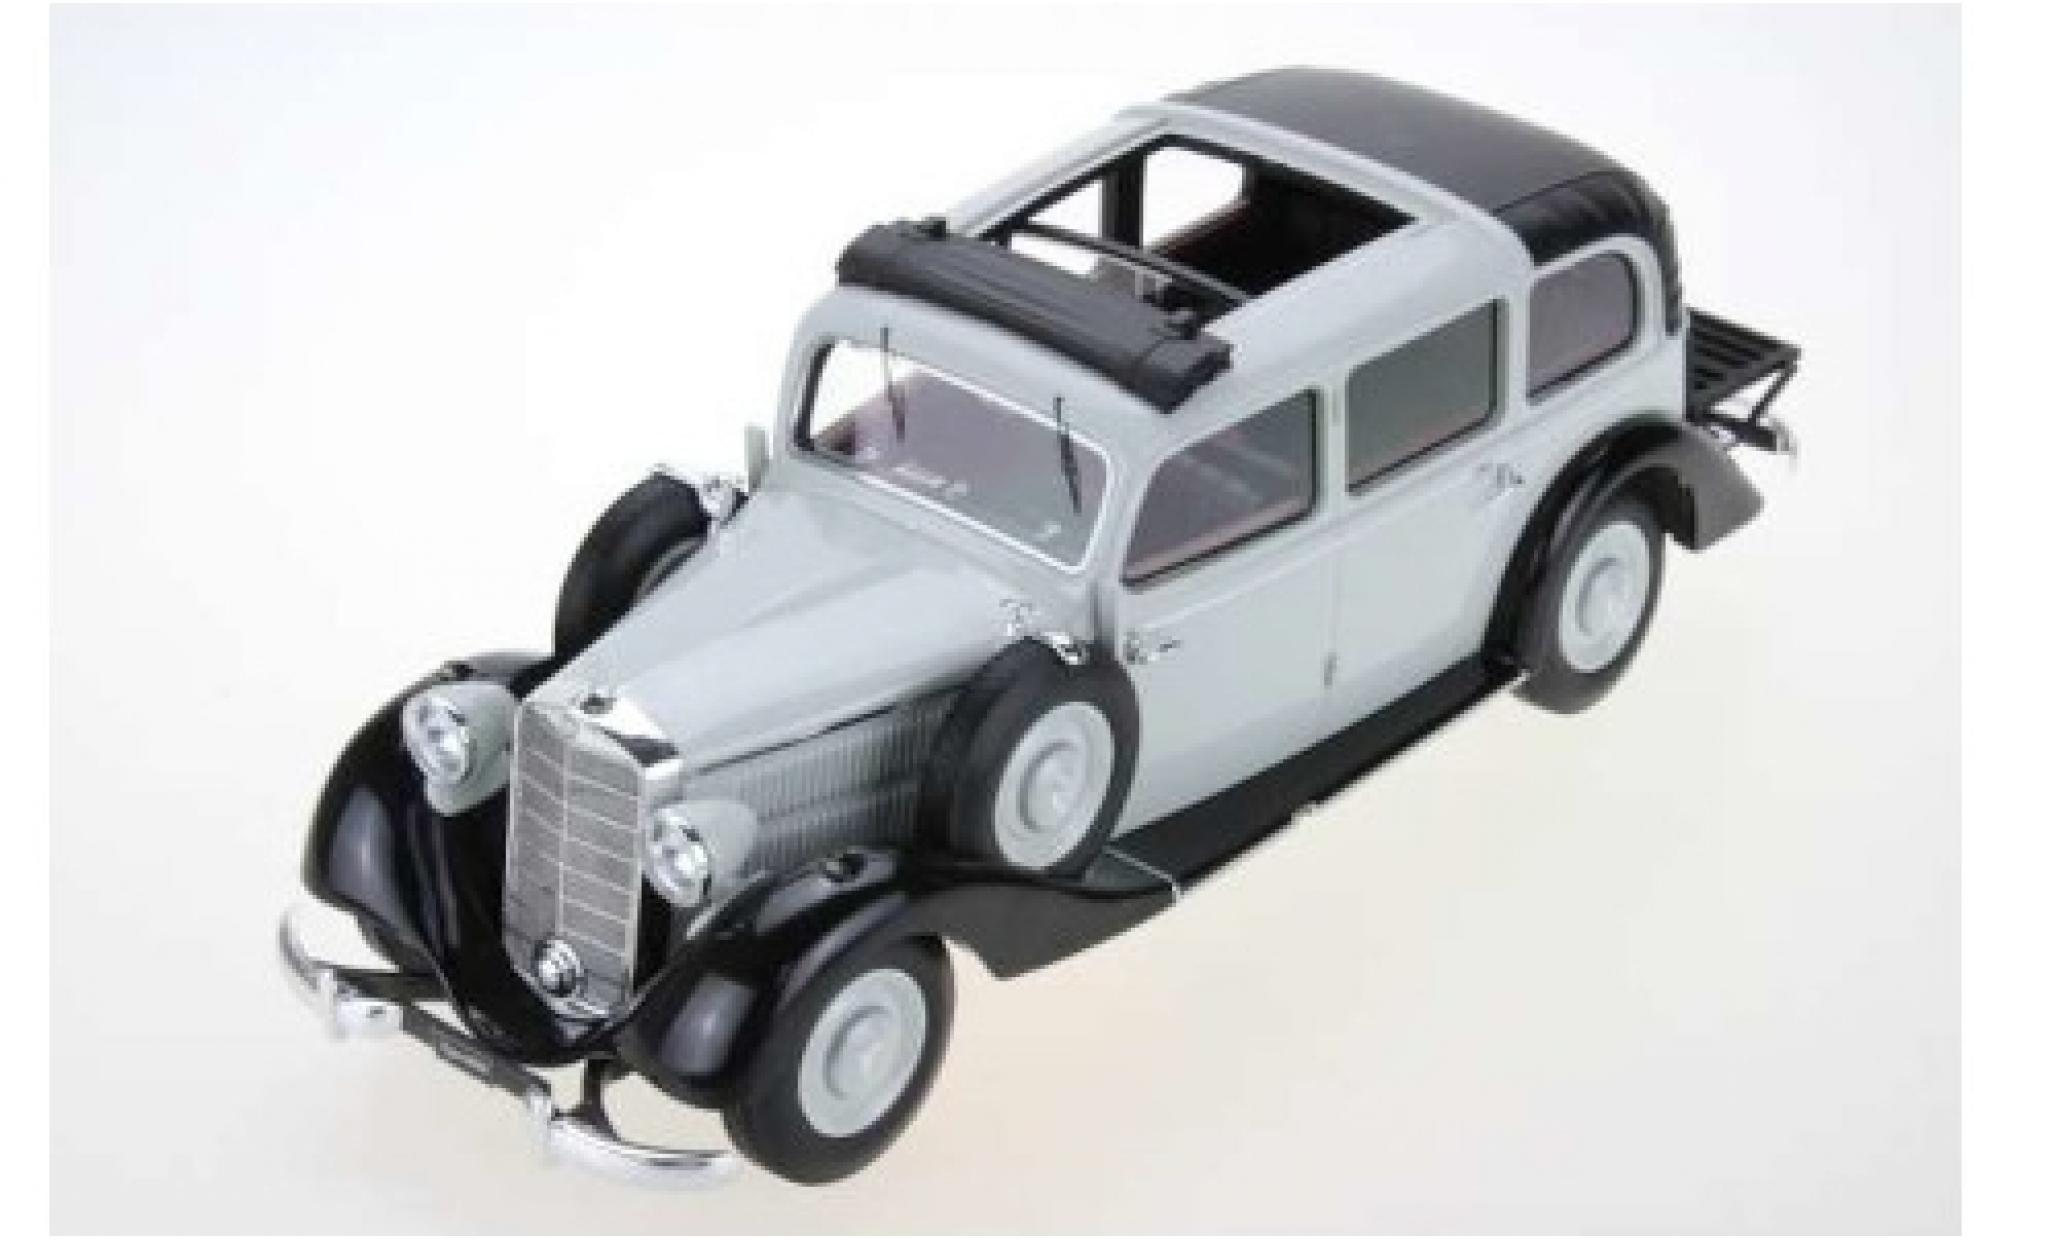 Mercedes 260 1/18 Triple 9 Collection D (W138) Pullman Landaulet grise/noire 1936 ouverts/es Dachverdeck